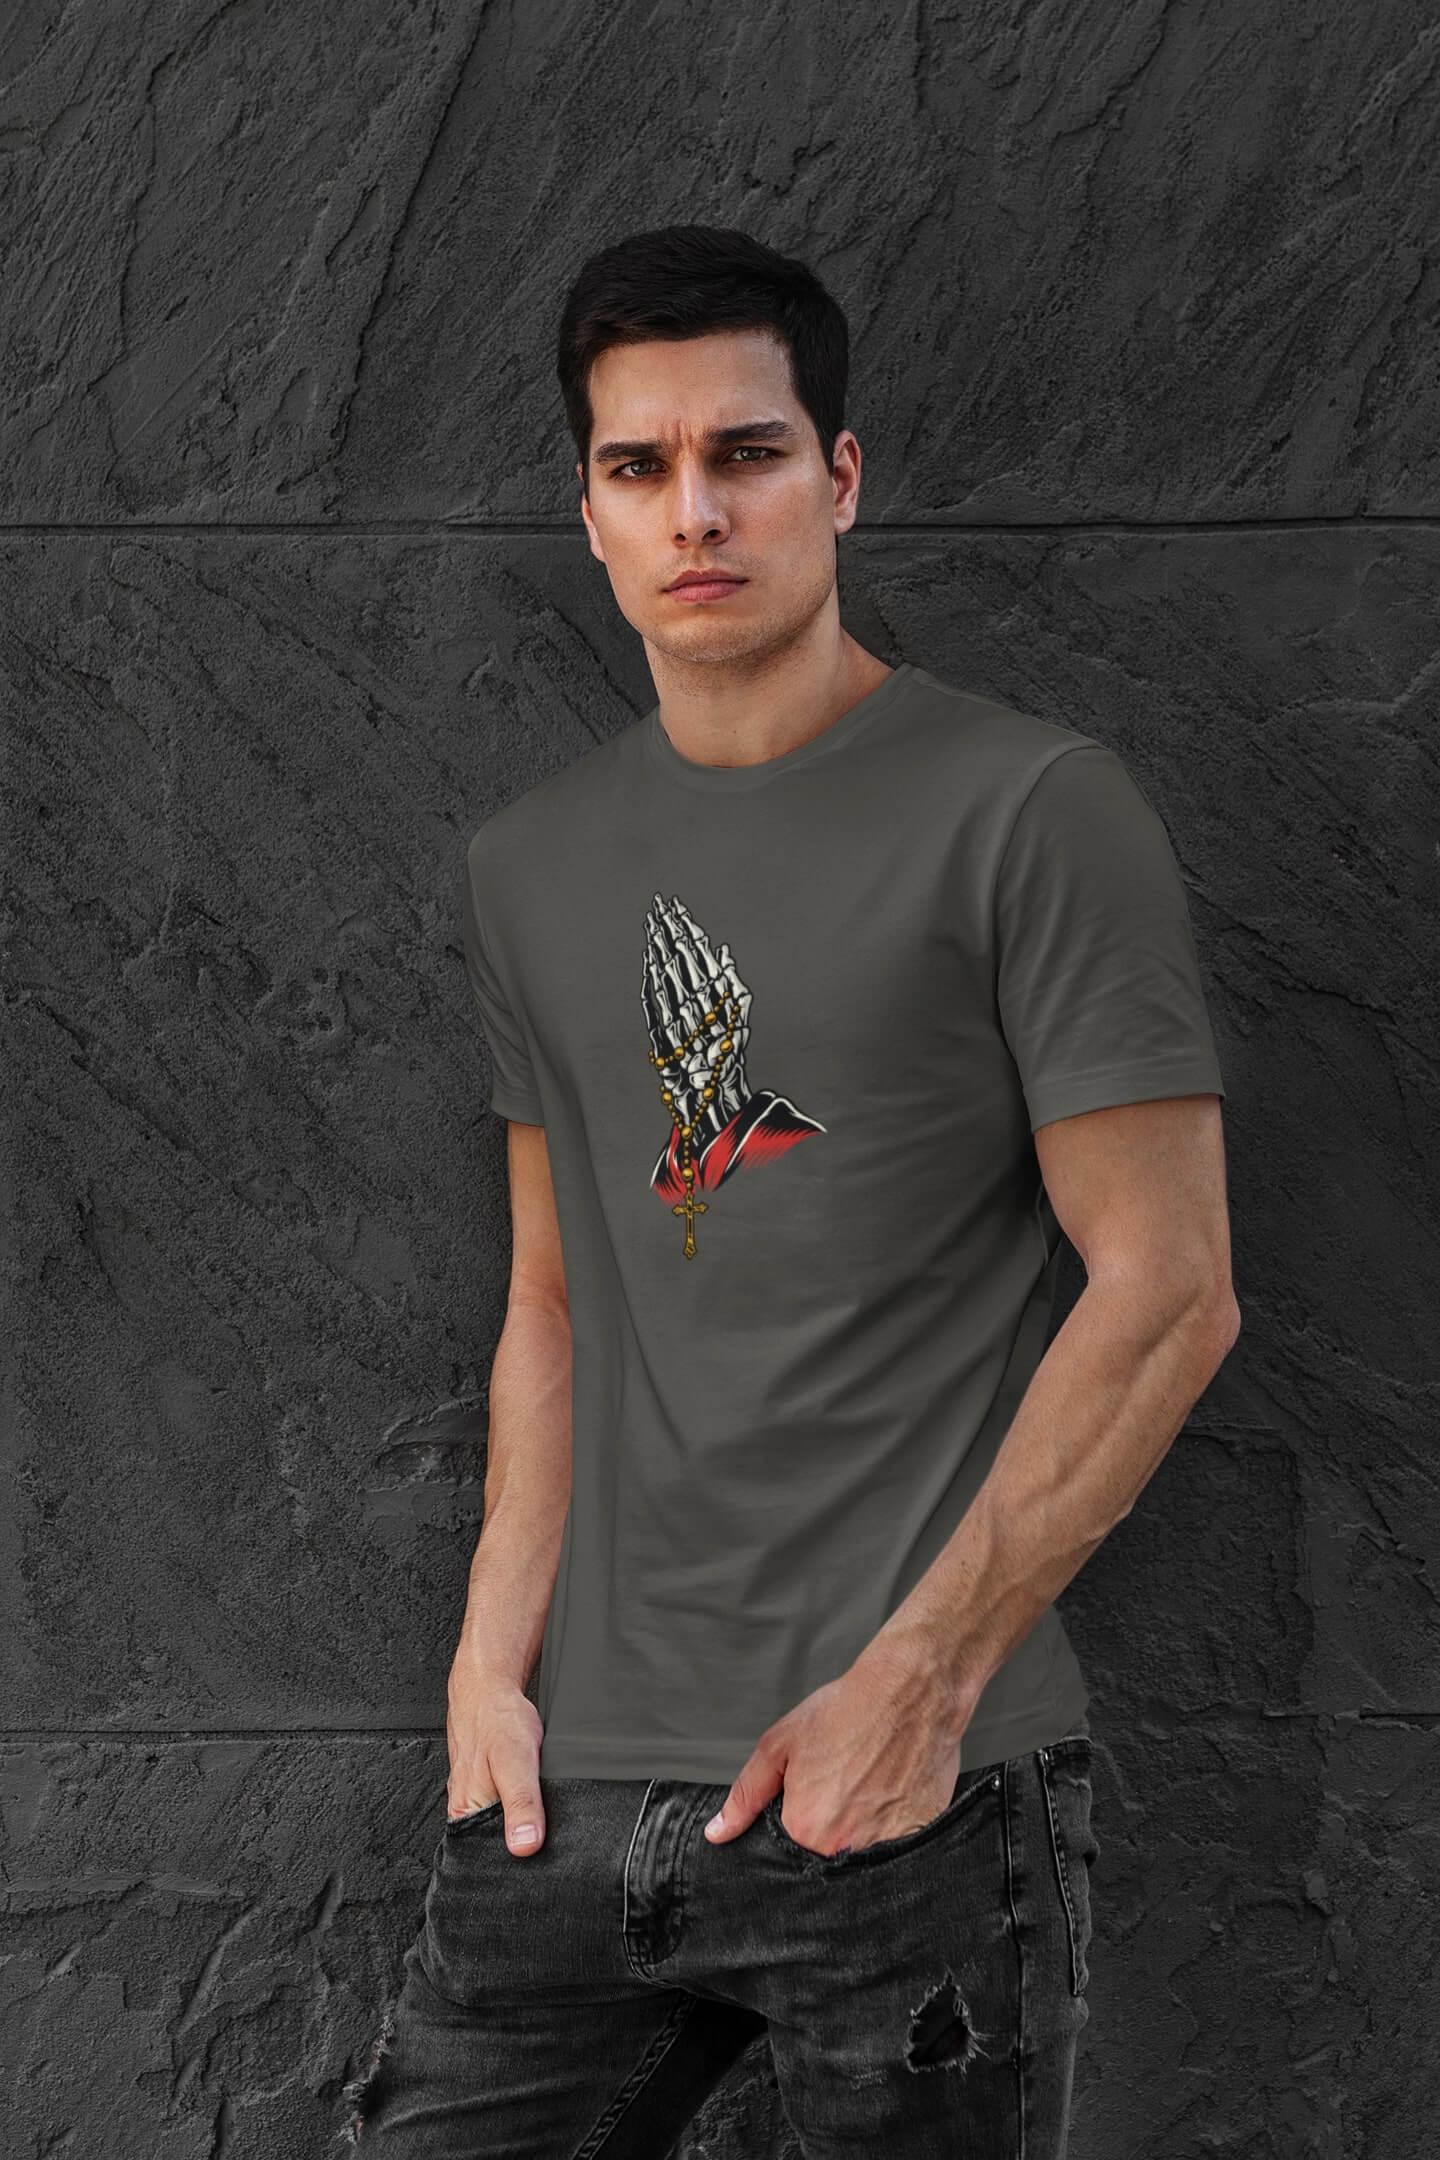 MMO Pánske tričko Ruky Vyberte farbu: Tmavá bridlica, Vyberte veľkosť: L